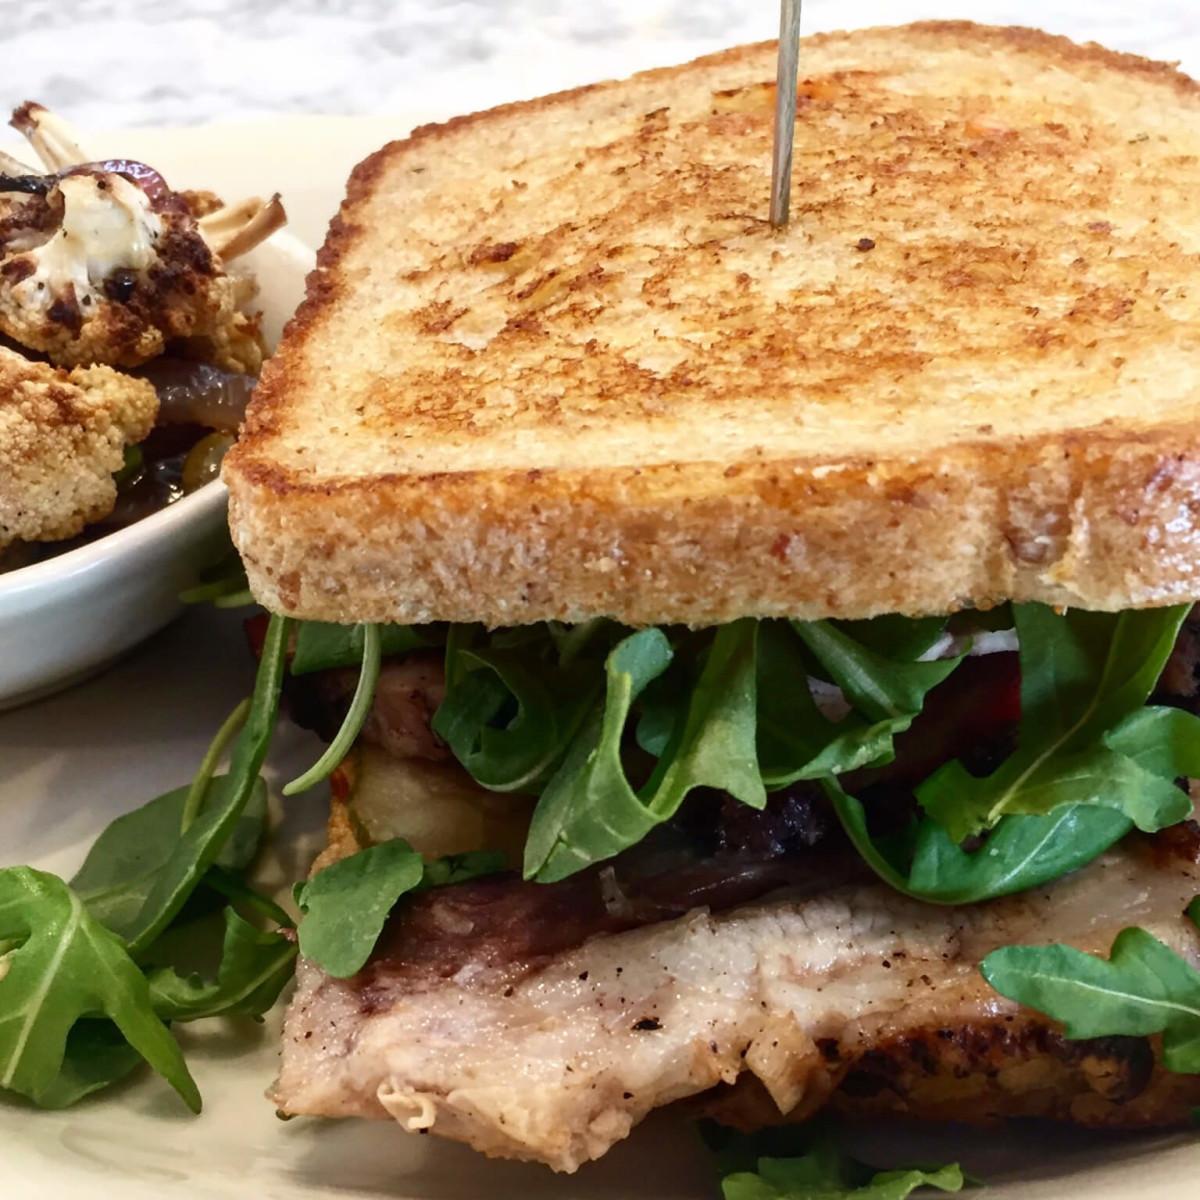 Relish restaurant pork sandwich